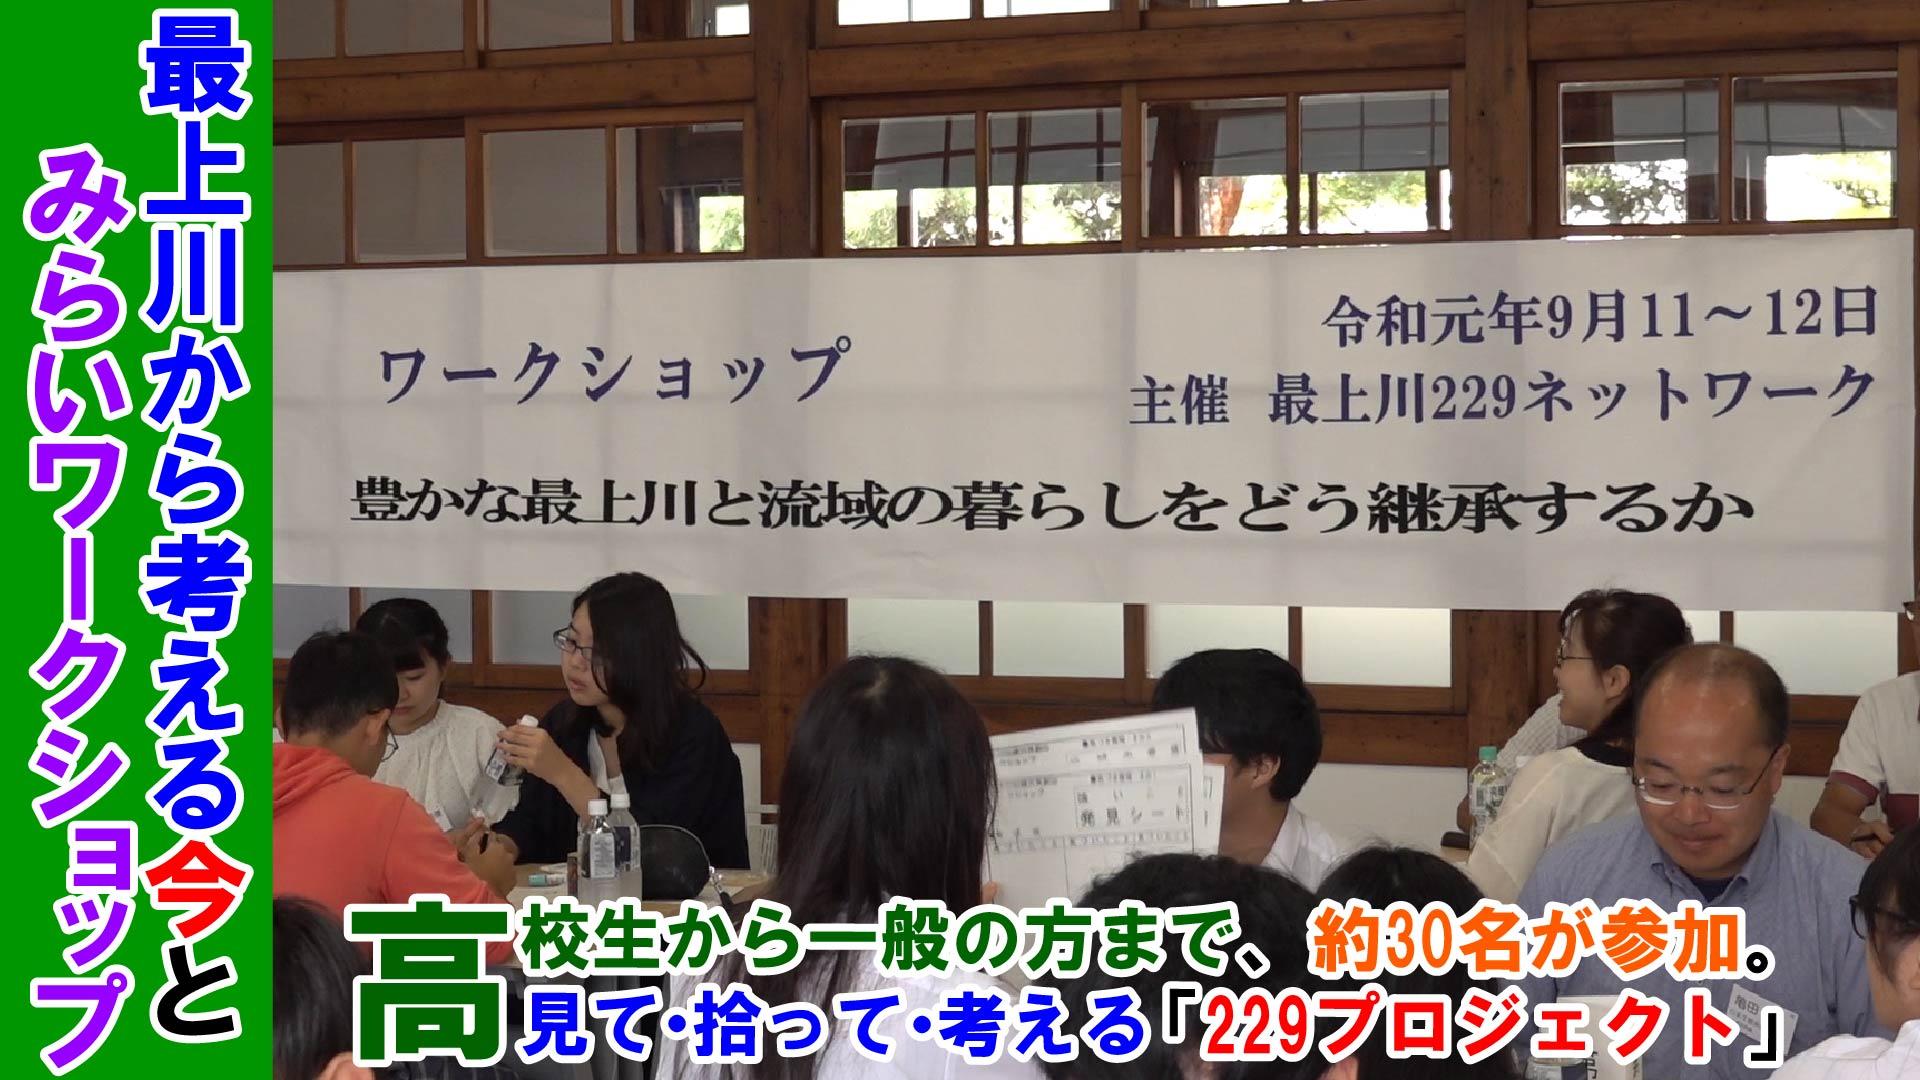 【長井市】最上川から考える今と未来ワークショップ(令和元年9月12日) :画像